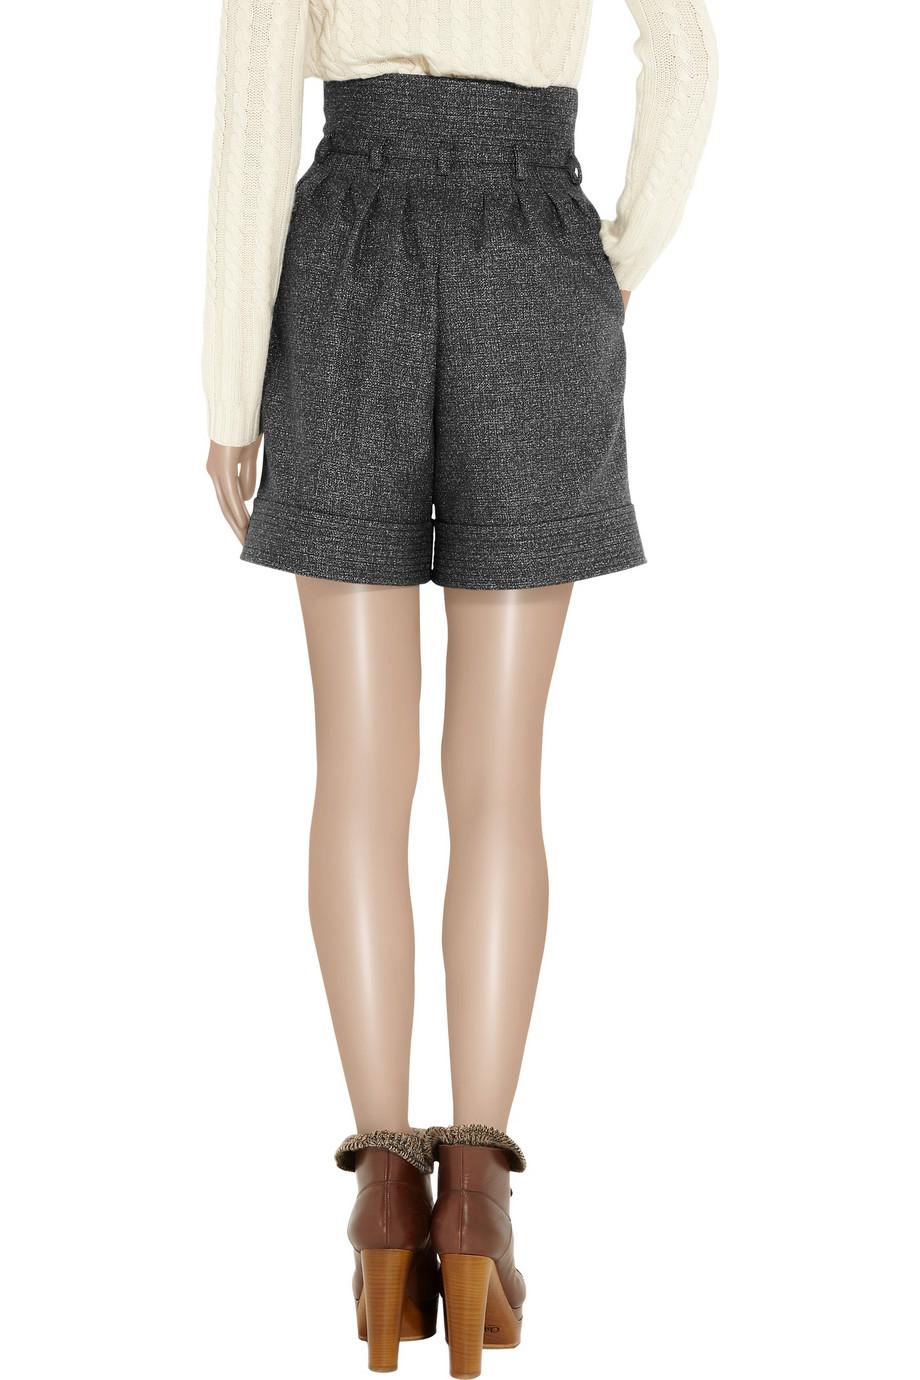 Saint Laurent Wool Blend Tweed Shorts In Gray Black Lyst